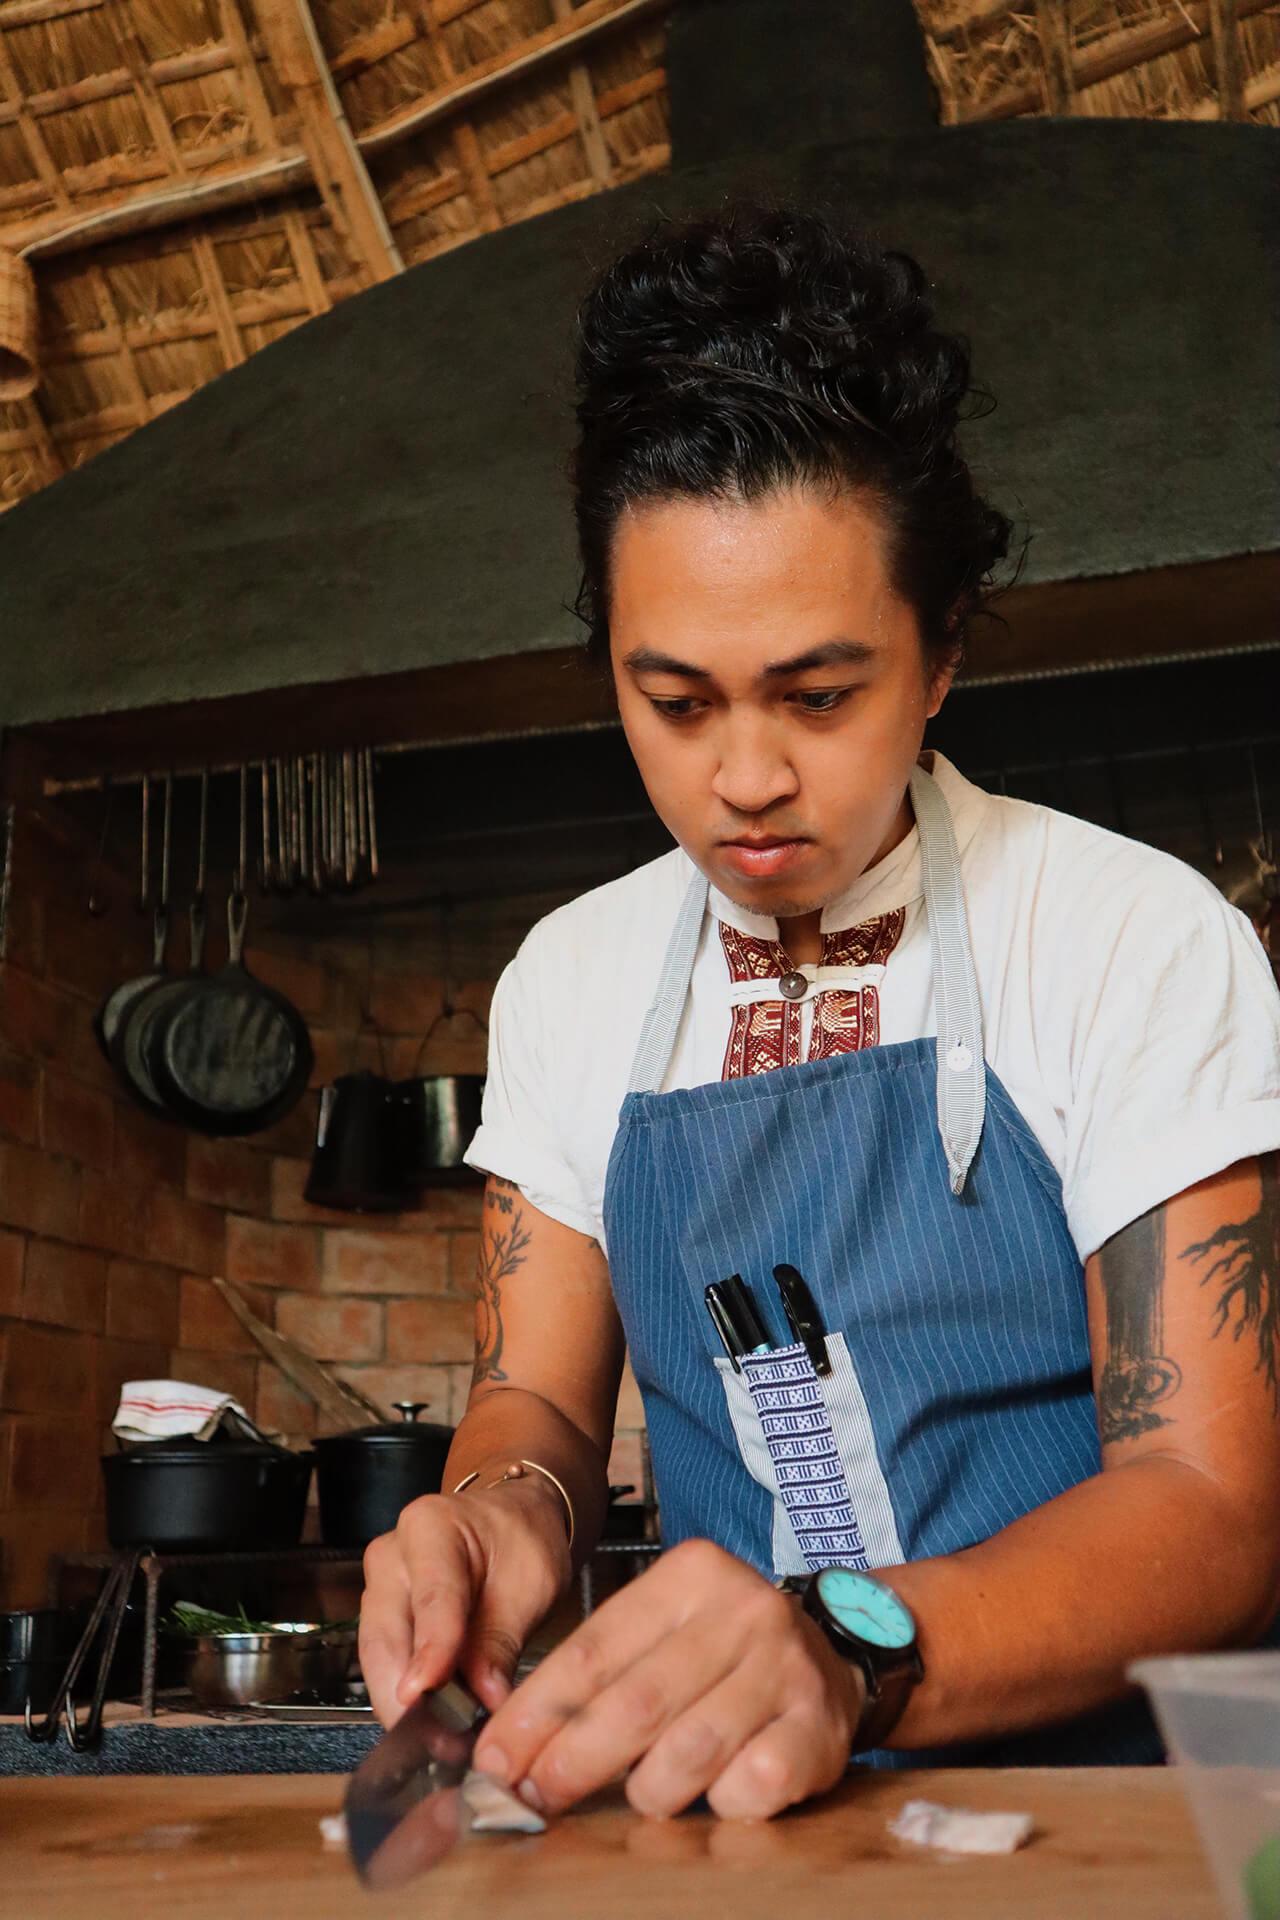 Chef Ken Cazeñas works in the kitchen at Alpas